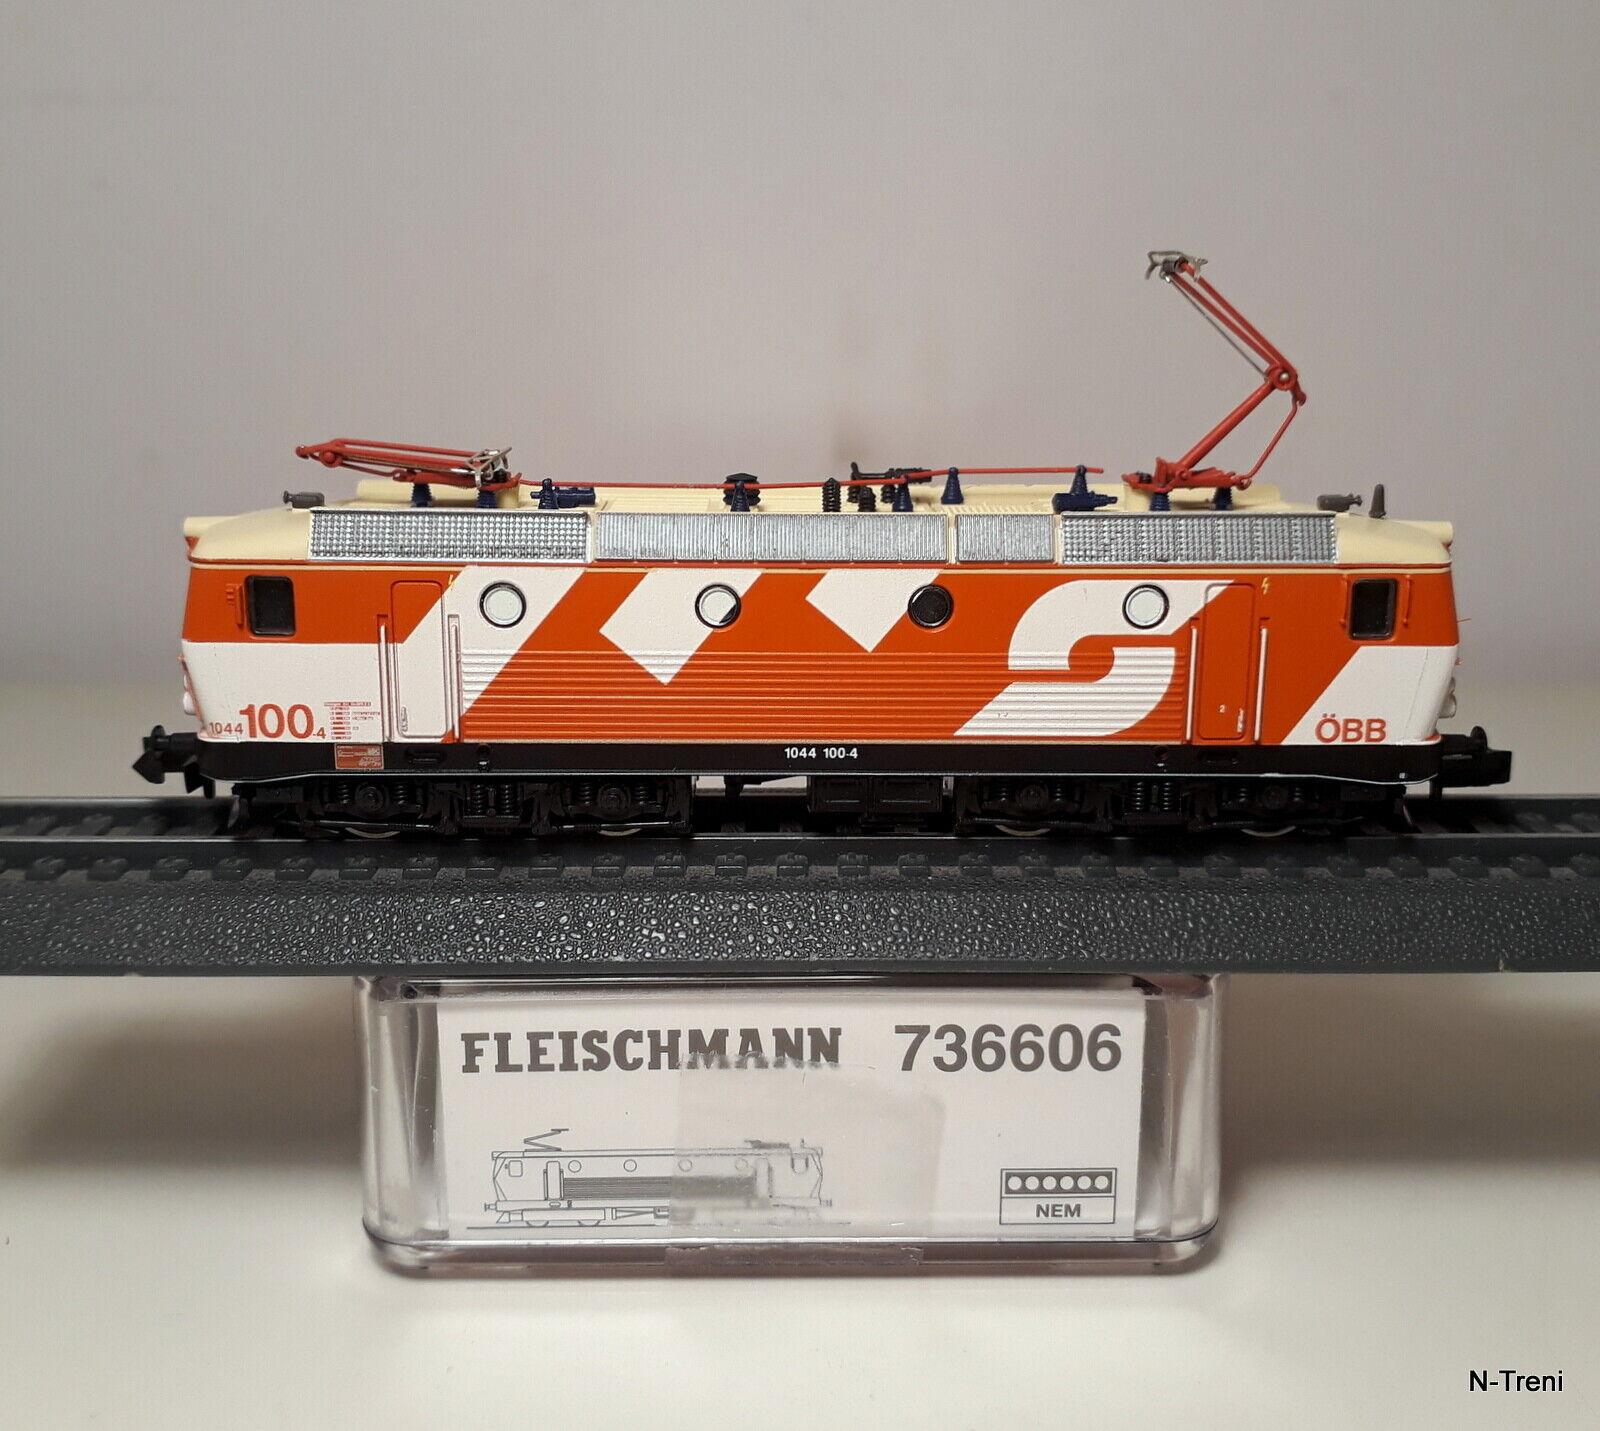 Fleischuomon N 736606  Loco elettrica Rh 1044 1004 delle OBB